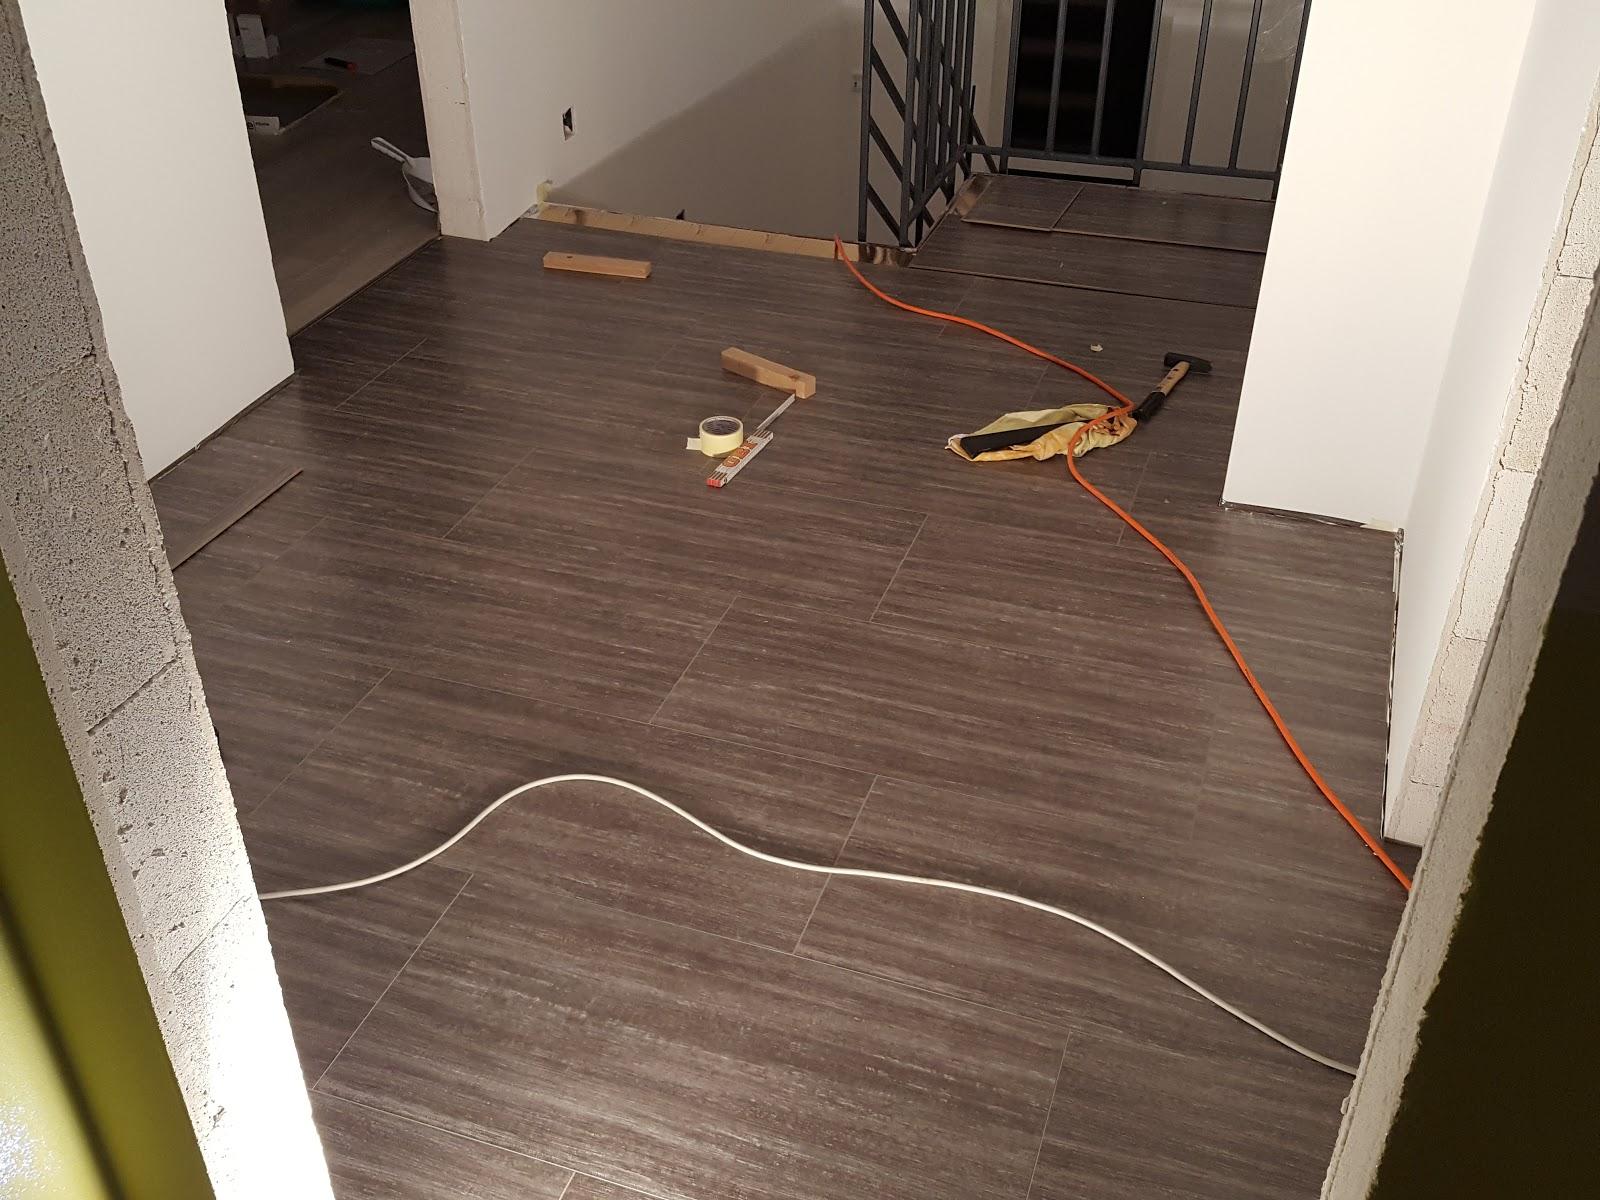 Fußbodenbelag Im Flur ~ Hausbau nickern tag bodenbelag flur og